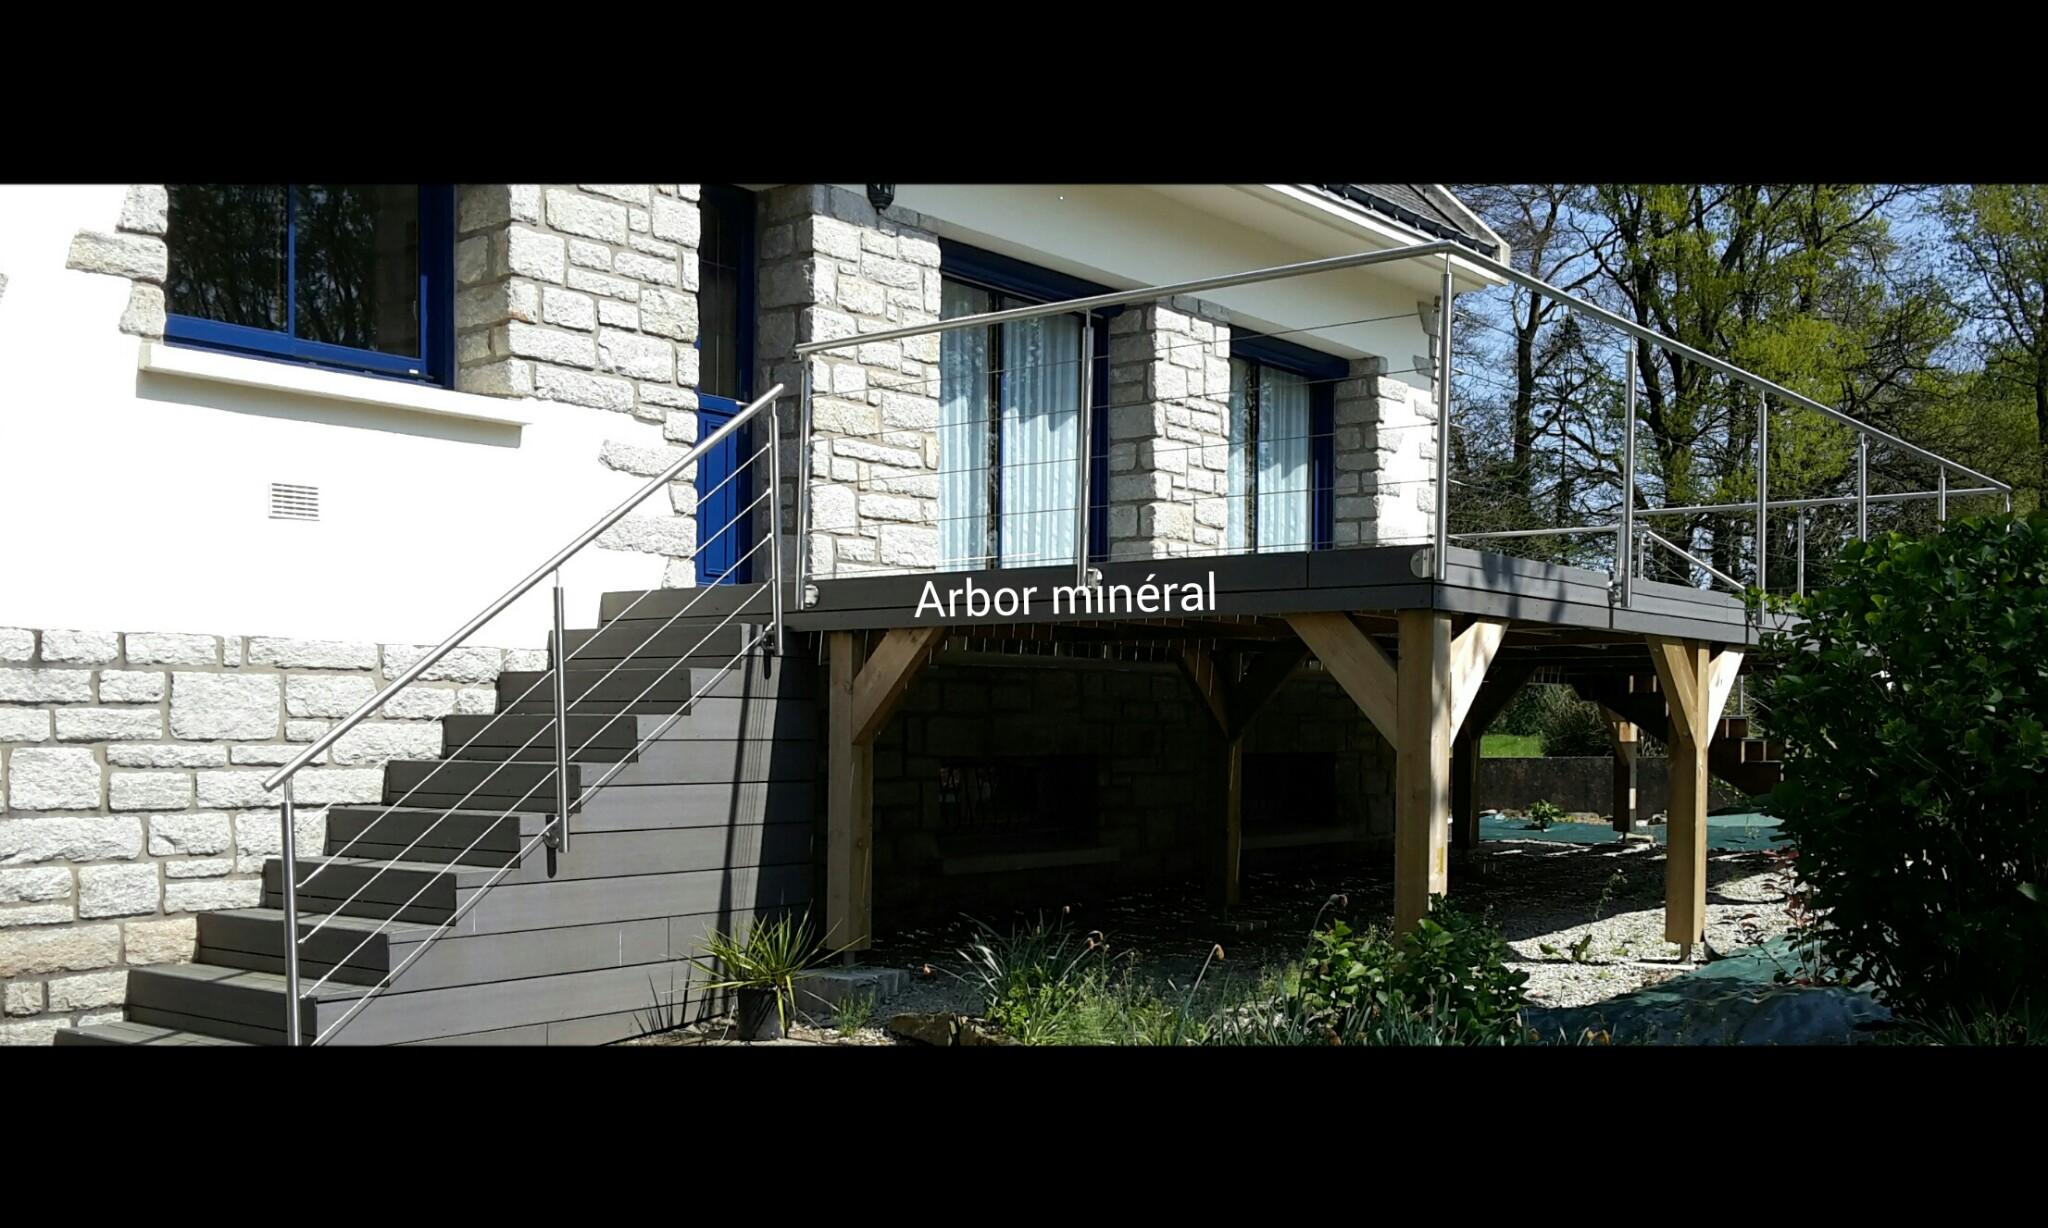 terrasse bois posite sur pilotis vannes morbihan arbor mineral paysagiste createur de